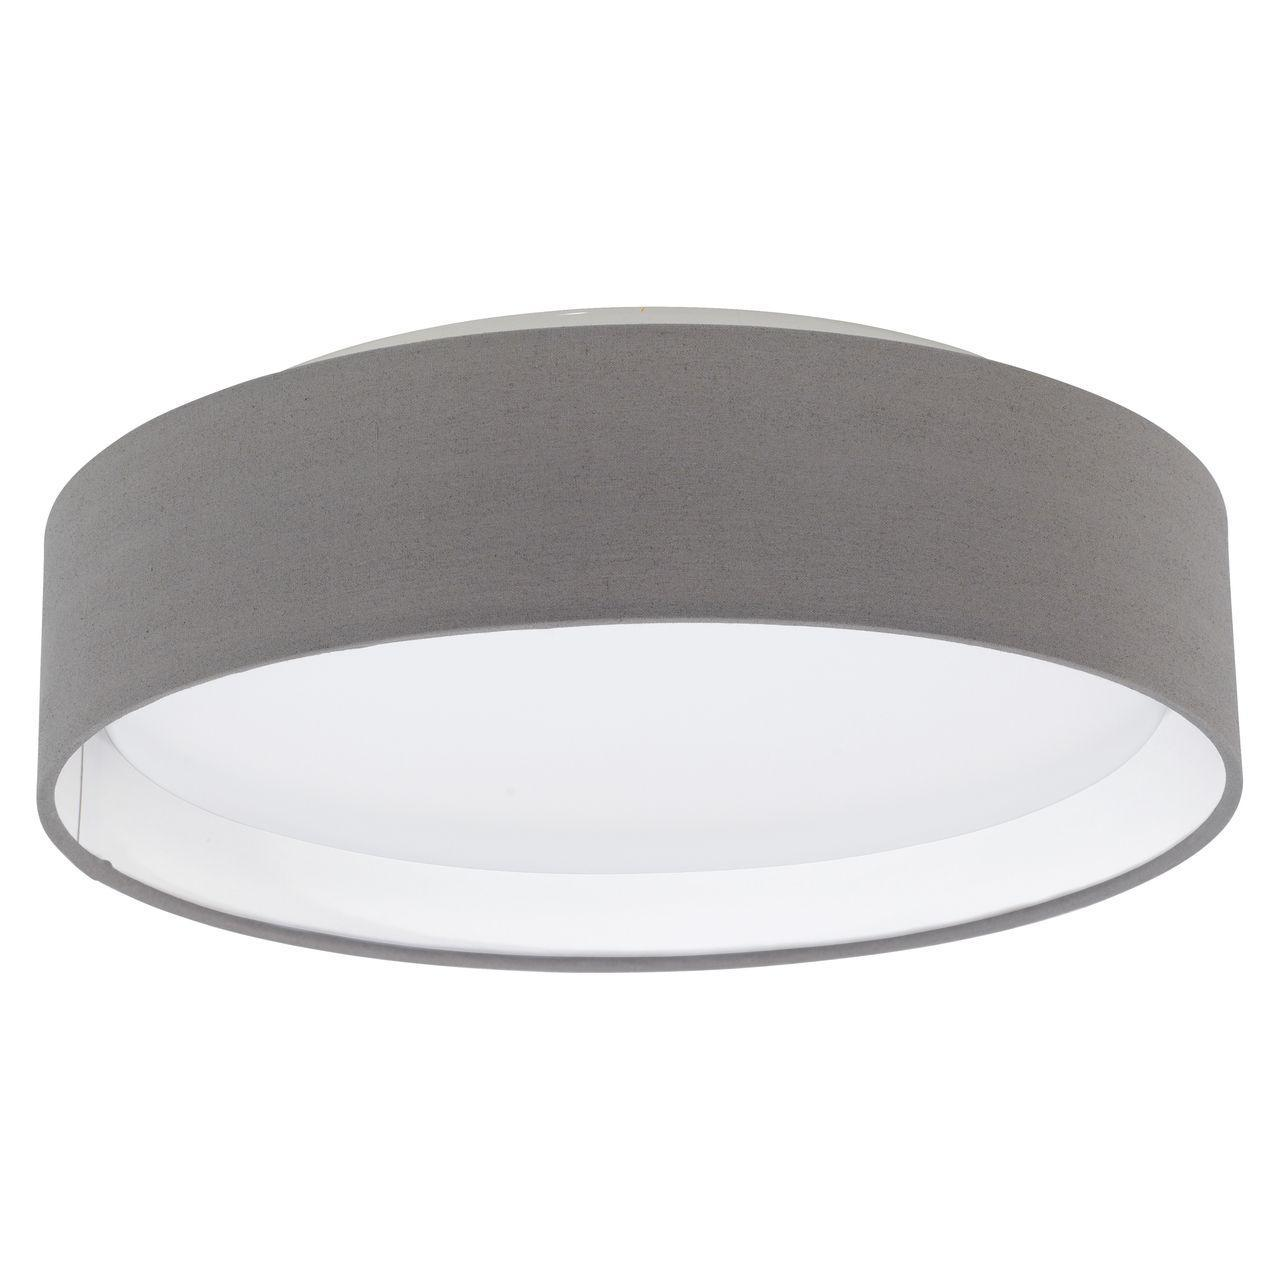 Потолочный светильник Eglo Pasteri 31593 потолочный светильник eglo pasteri 96366